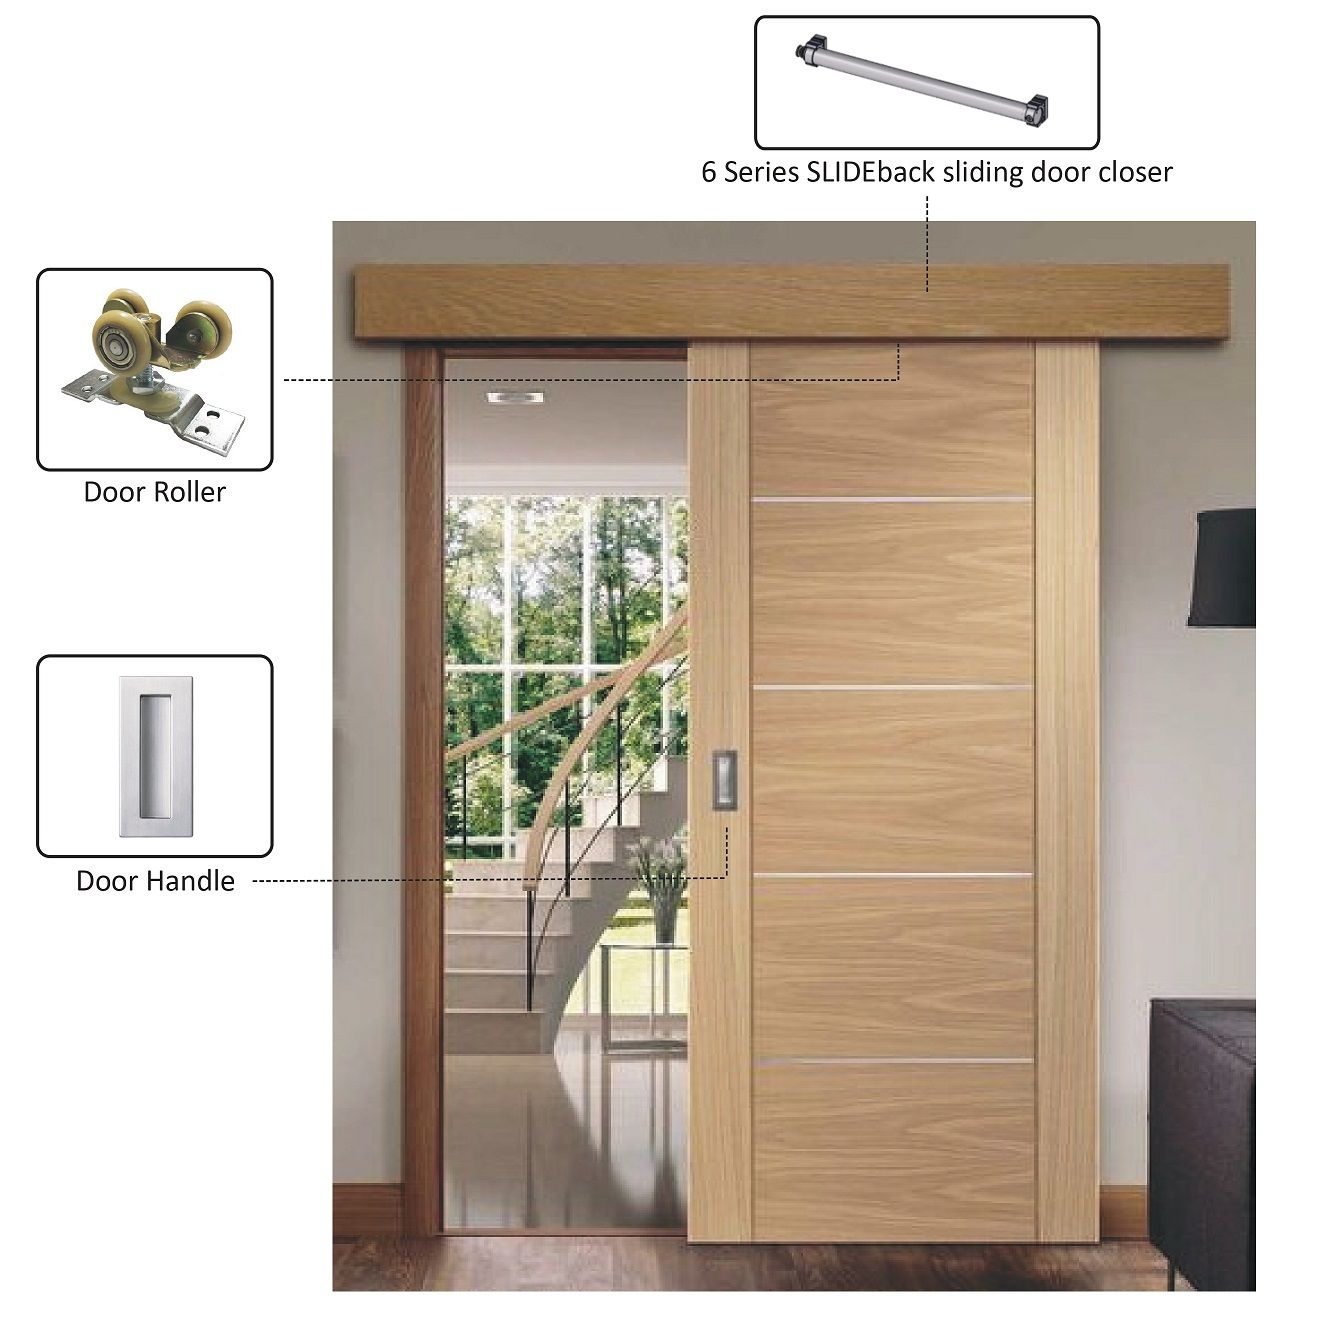 Porta deslizante de madeira - Porta corrediça de madeira